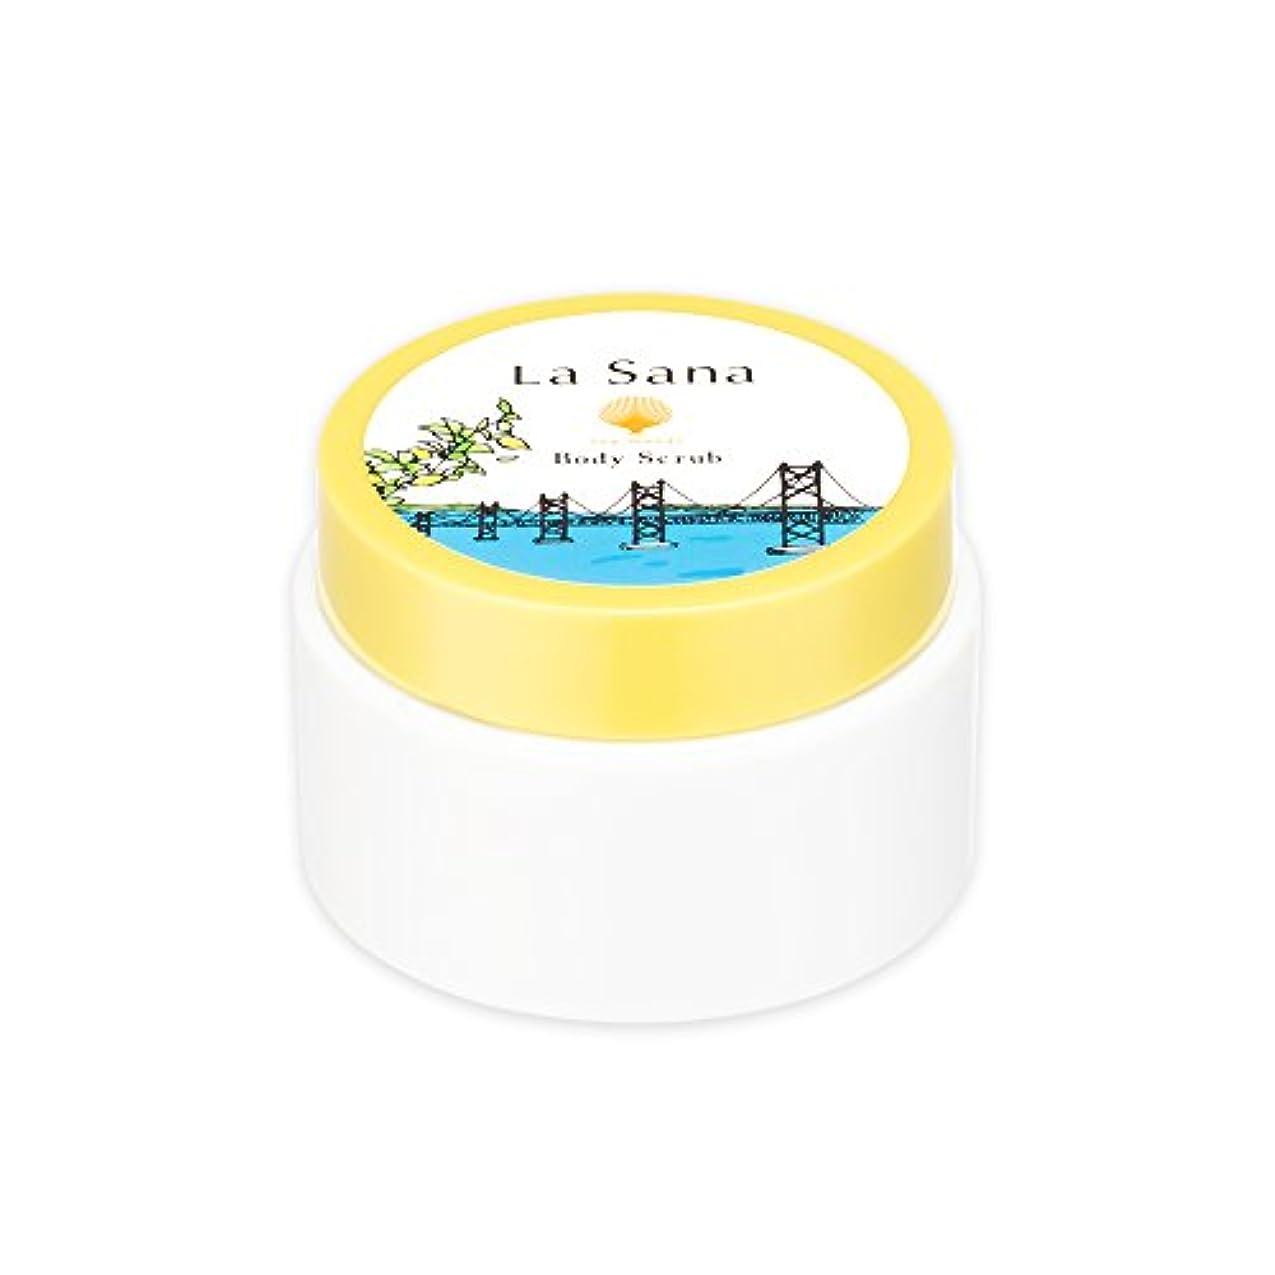 リラックスバランス時計回りラサーナ La sana 海藻 ボディ スクラブ 100g 限定 瀬戸内レモンの香り ボディケア 日本製 (約1ヵ月分)